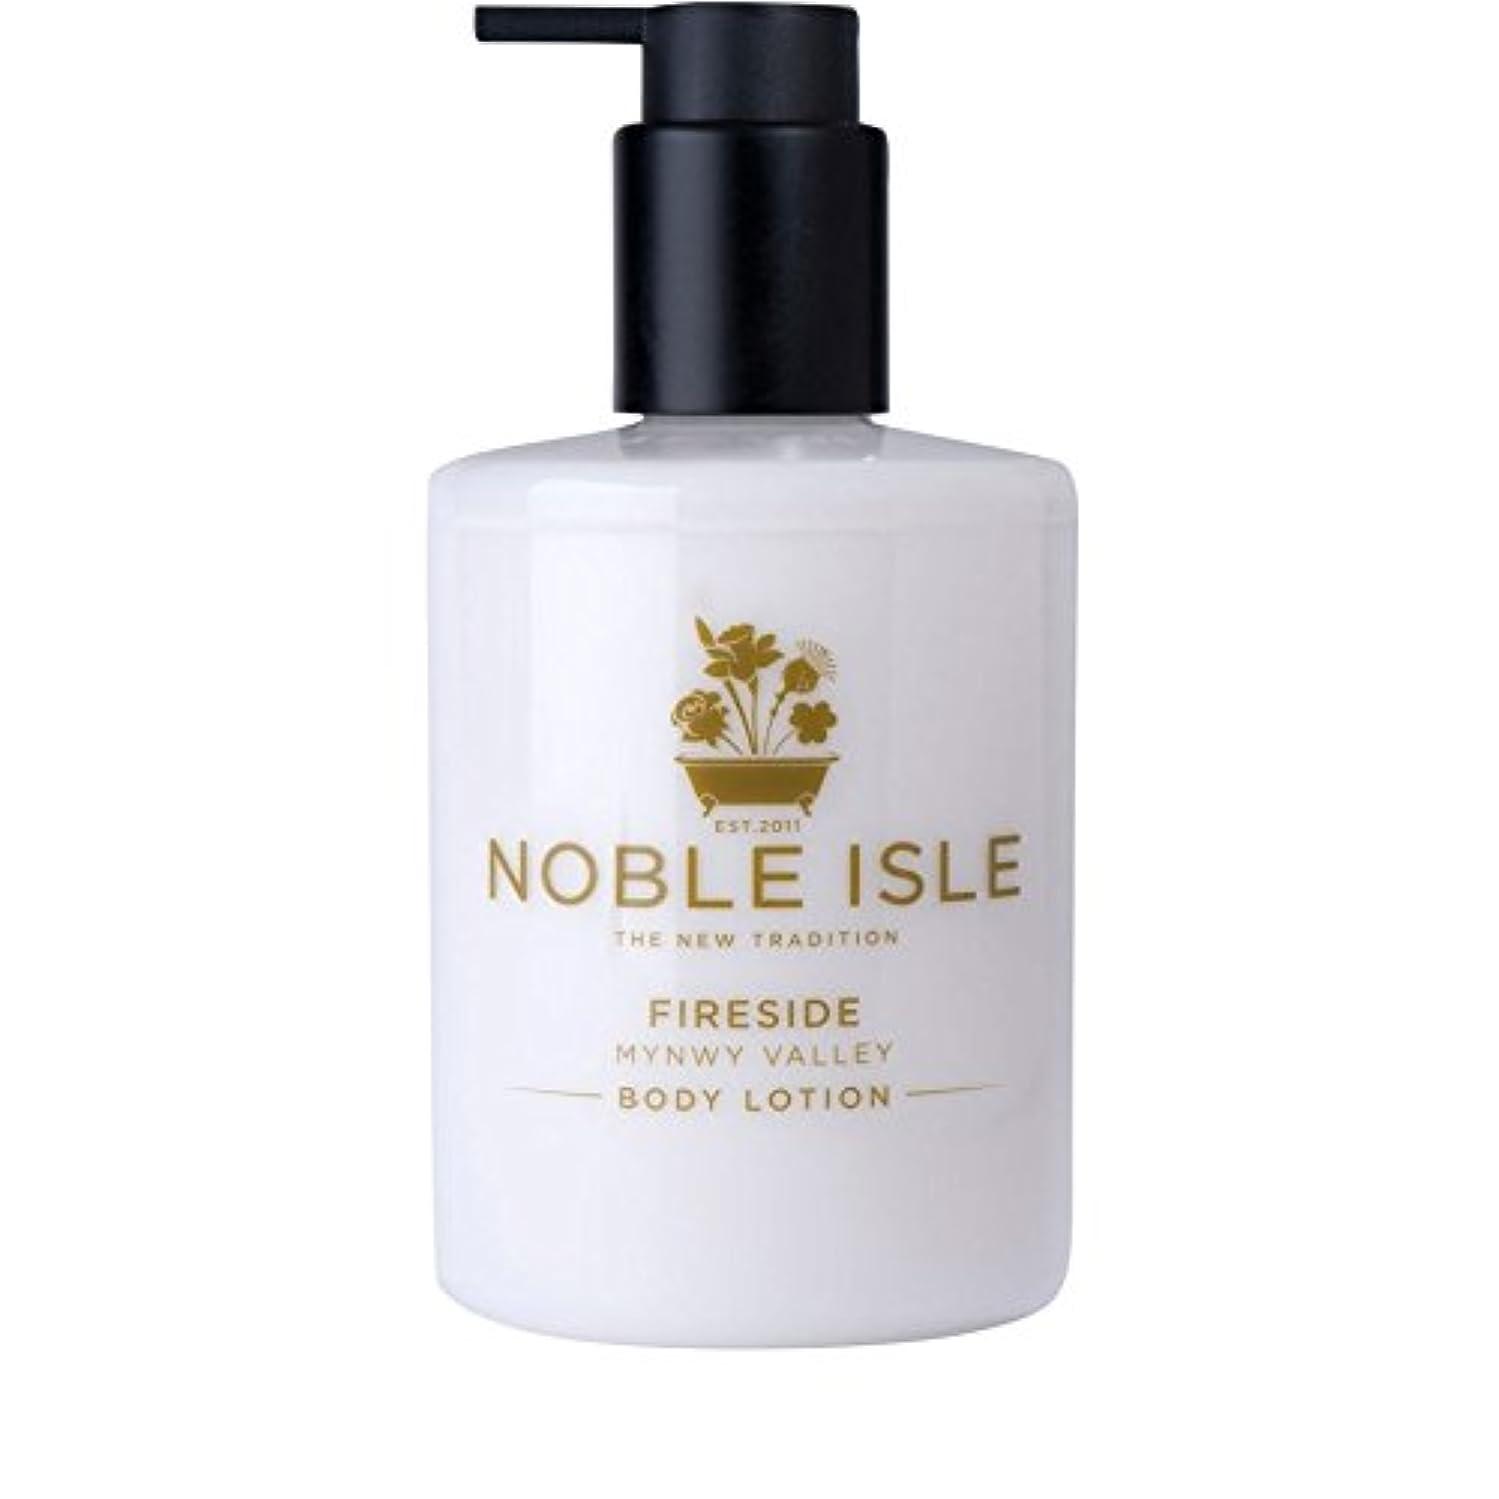 容量のヒープ黒くするNoble Isle Fireside Mynwy Valley Body Lotion 250ml (Pack of 6) - 高貴な島炉端谷のボディローション250ミリリットル x6 [並行輸入品]